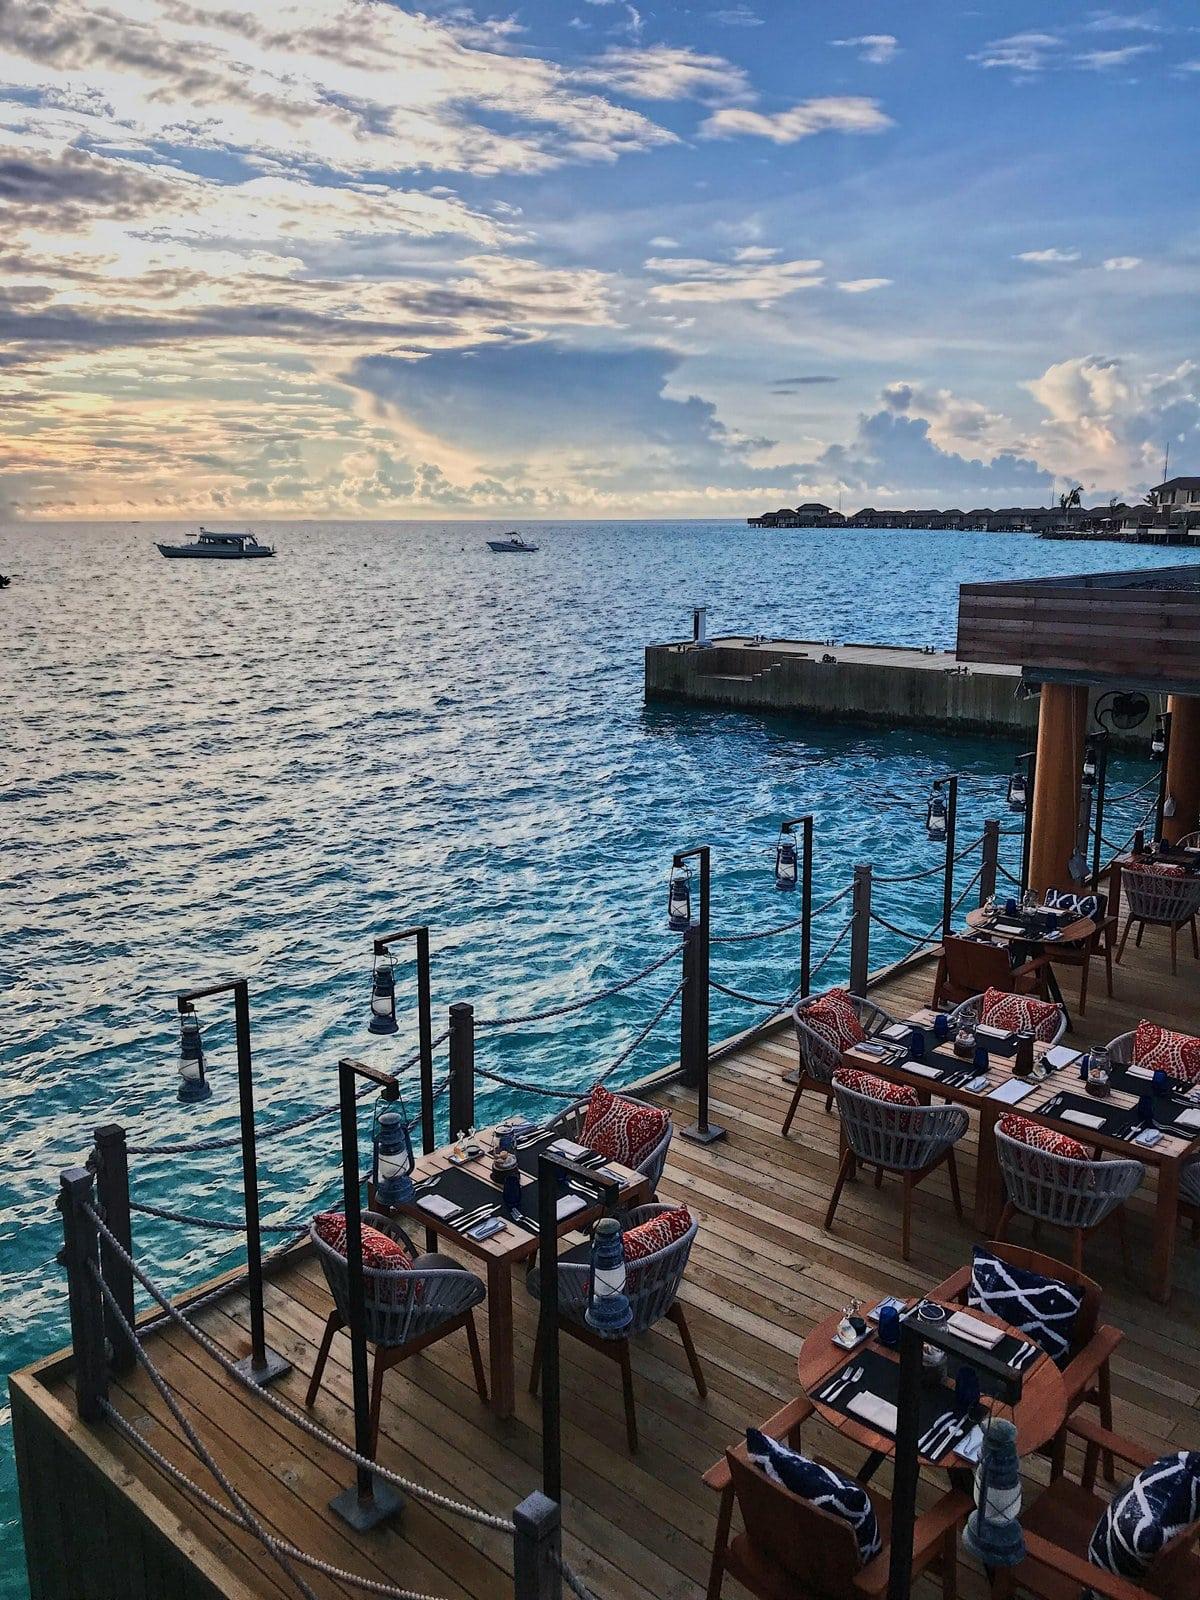 Мальдивы, отель Intercontinental Maldives Maamunagau, ресторан Fish Market